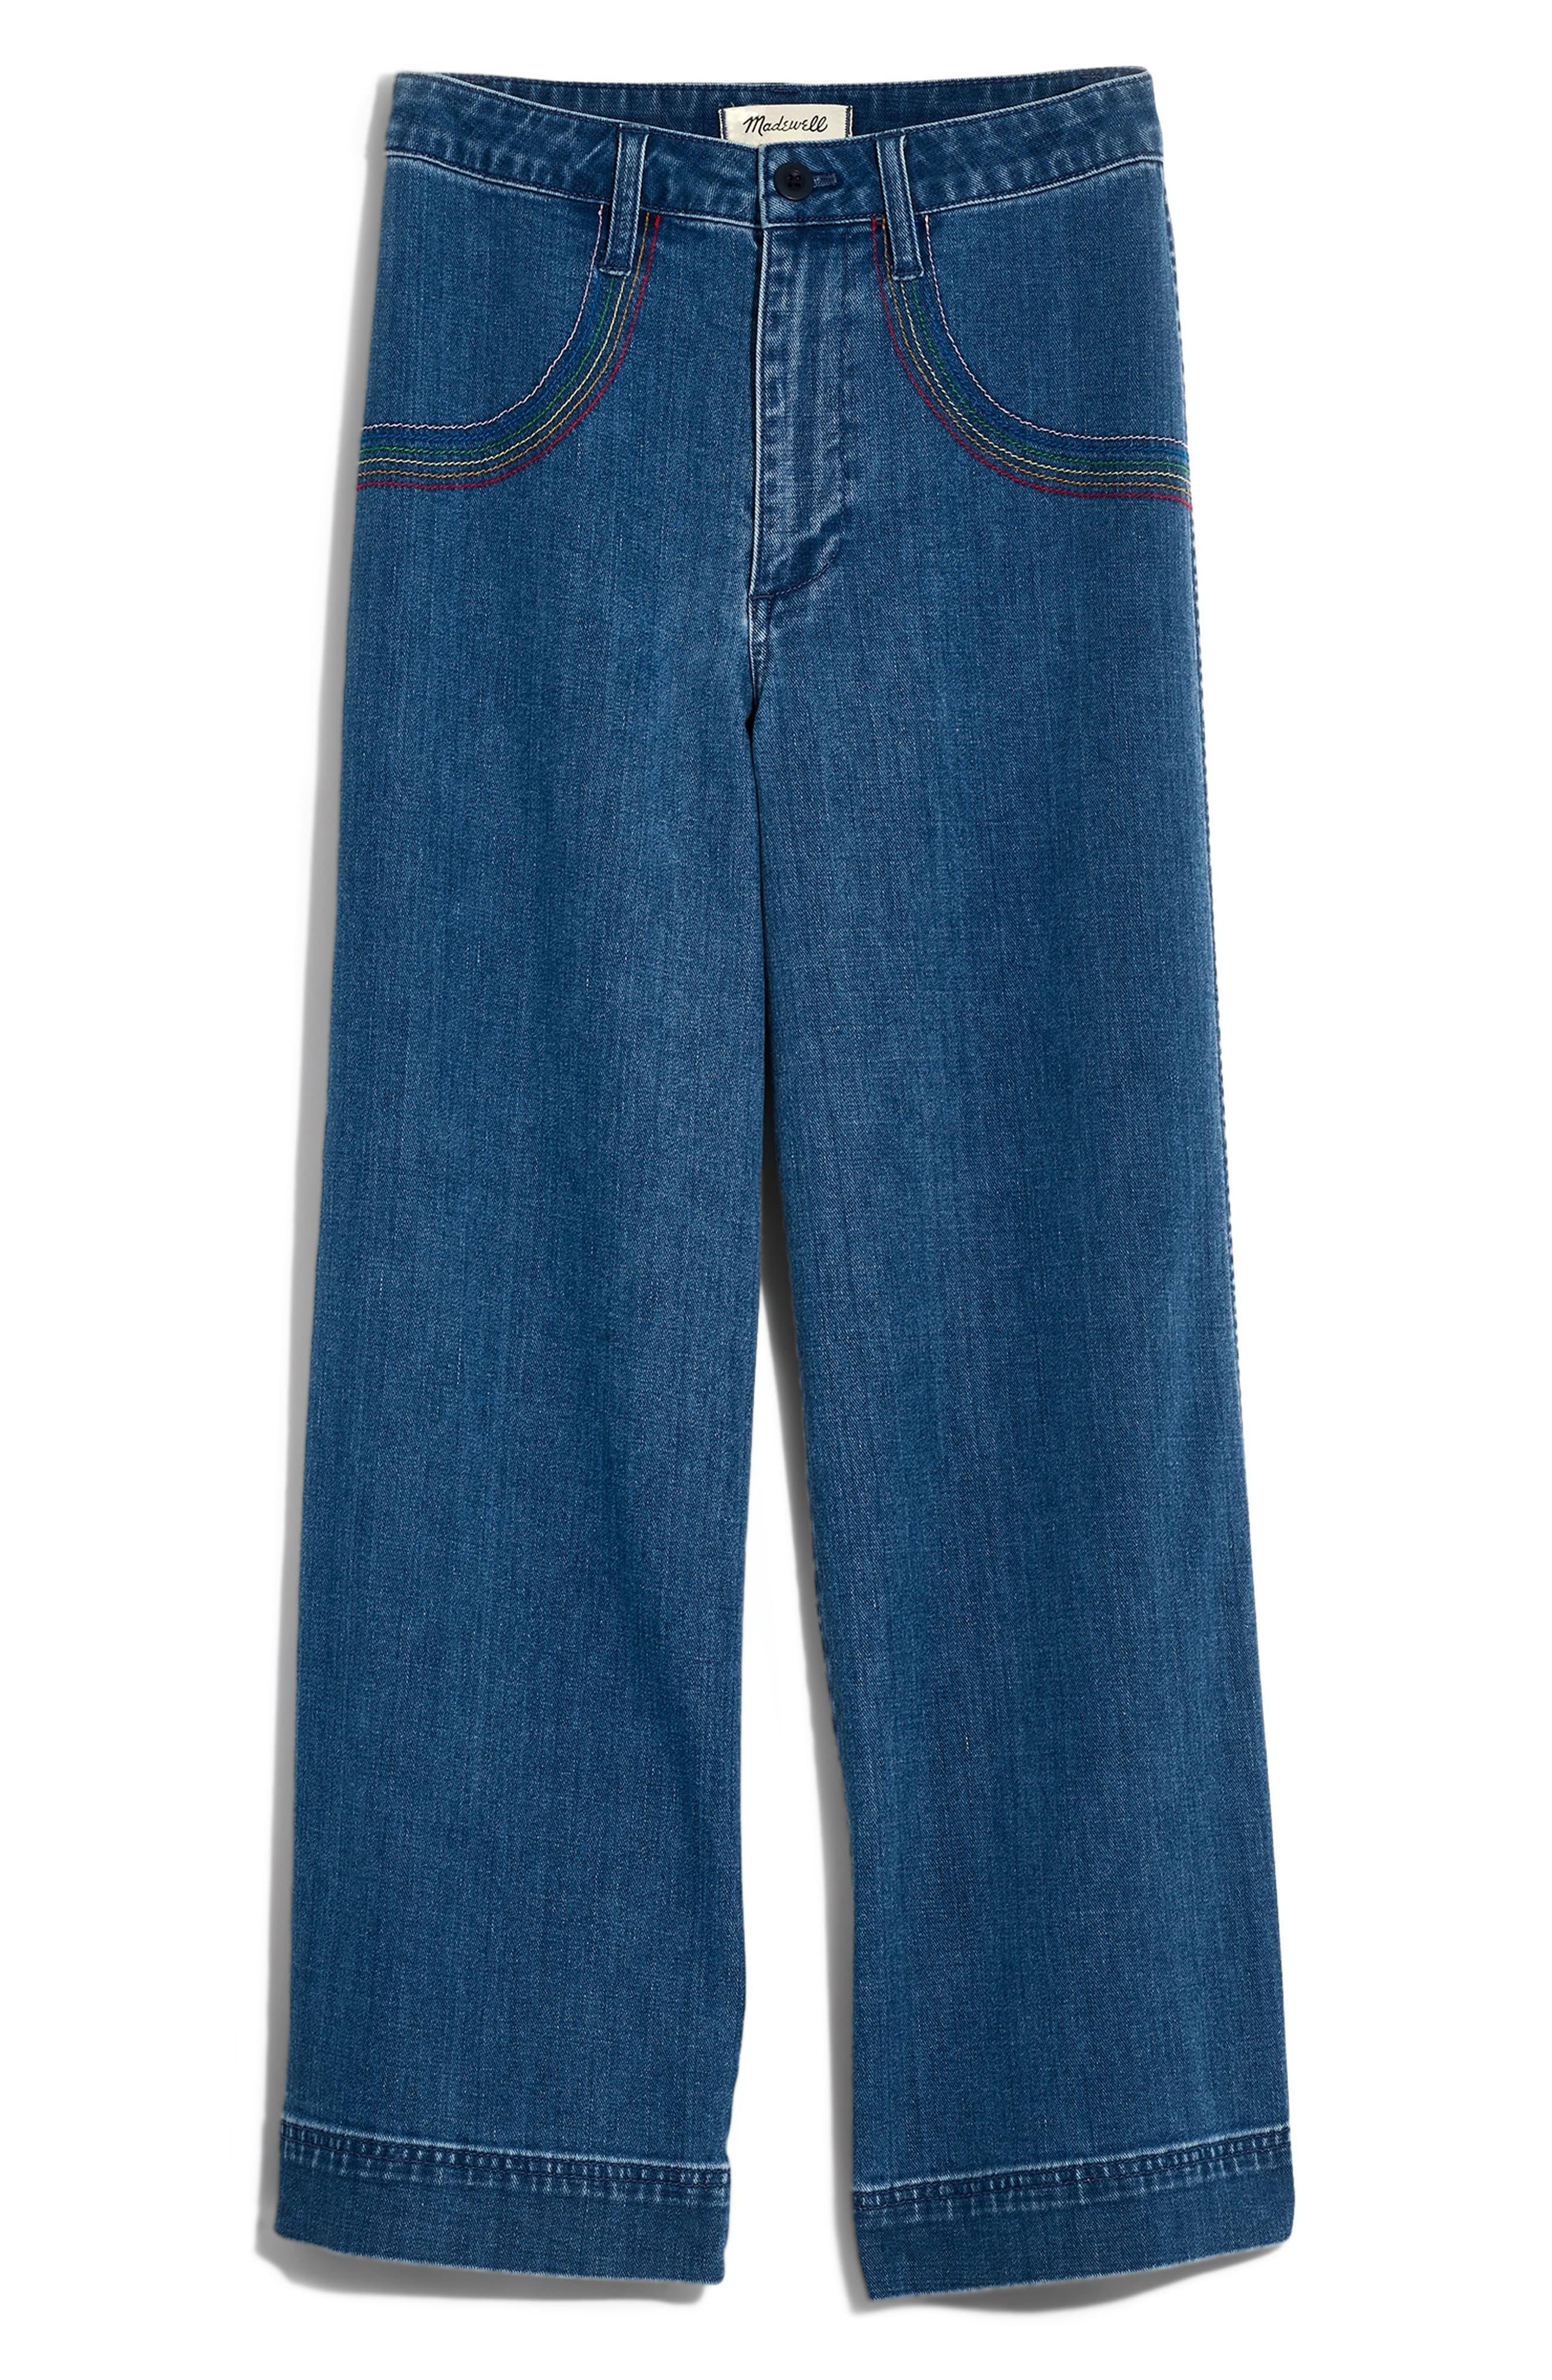 9f7267309 ... Rainbow Stitched Emmett Wide Leg Crop Jeans - Lyst. View fullscreen